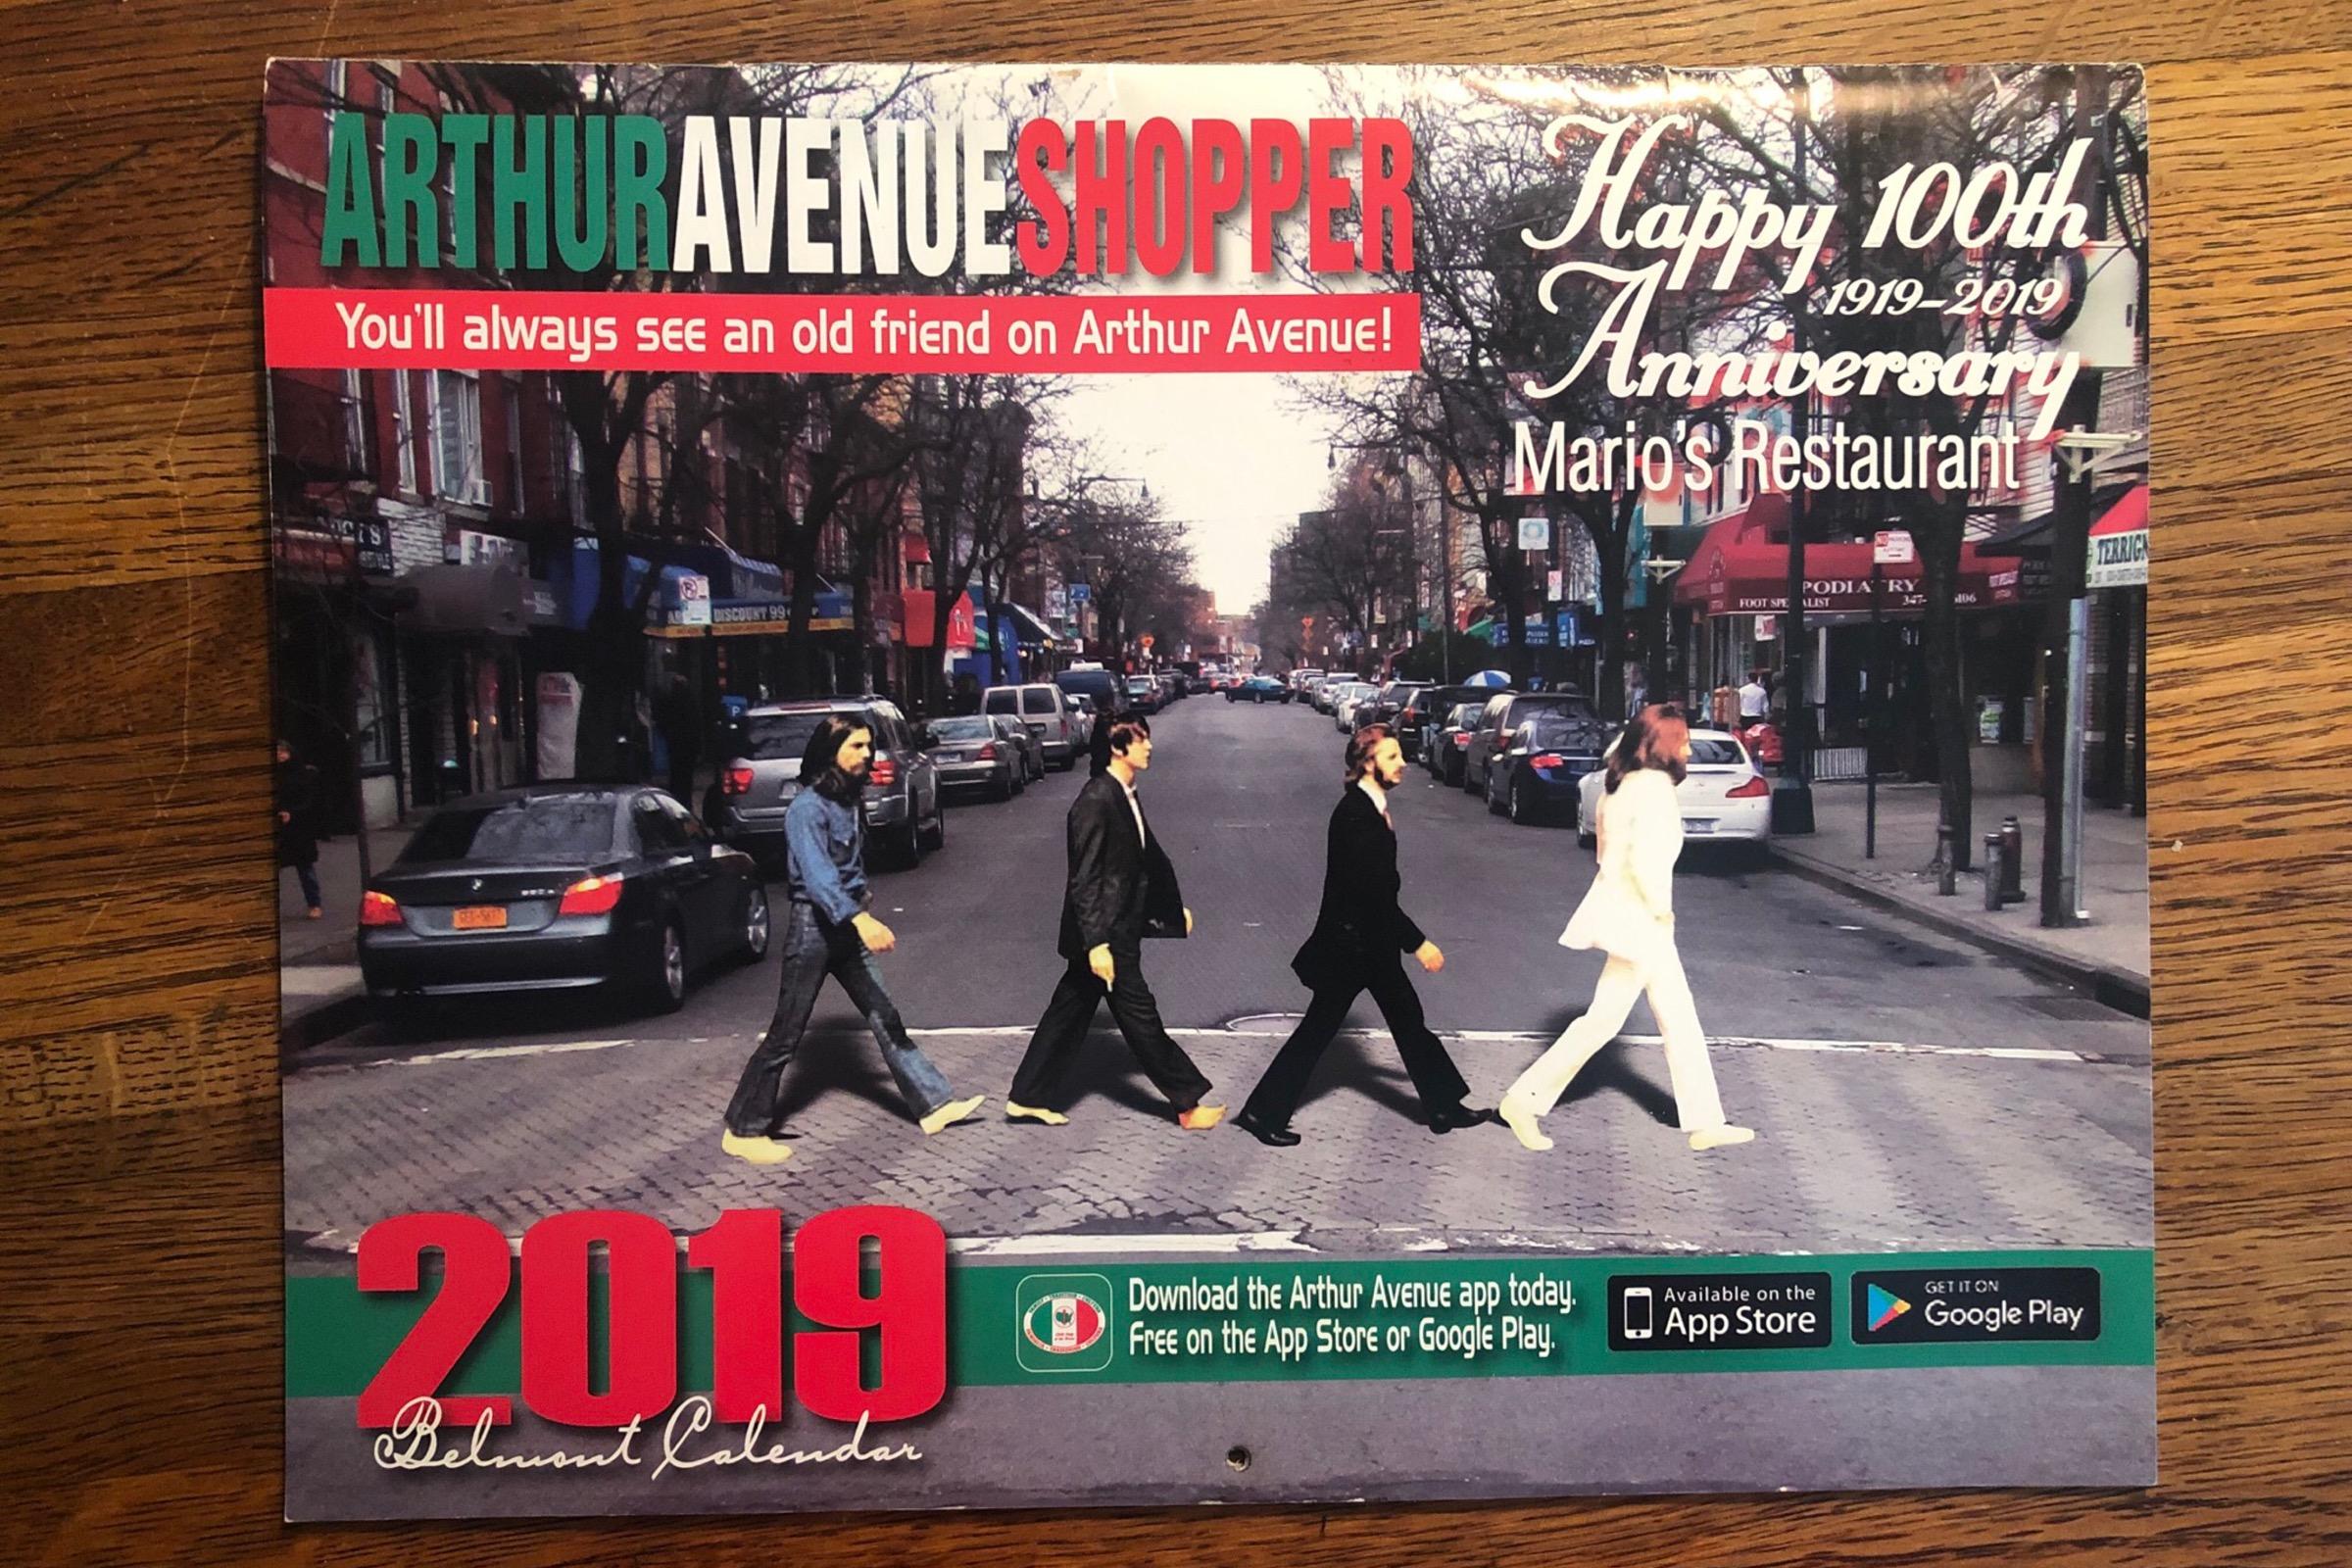 #91: Arthur Avenue